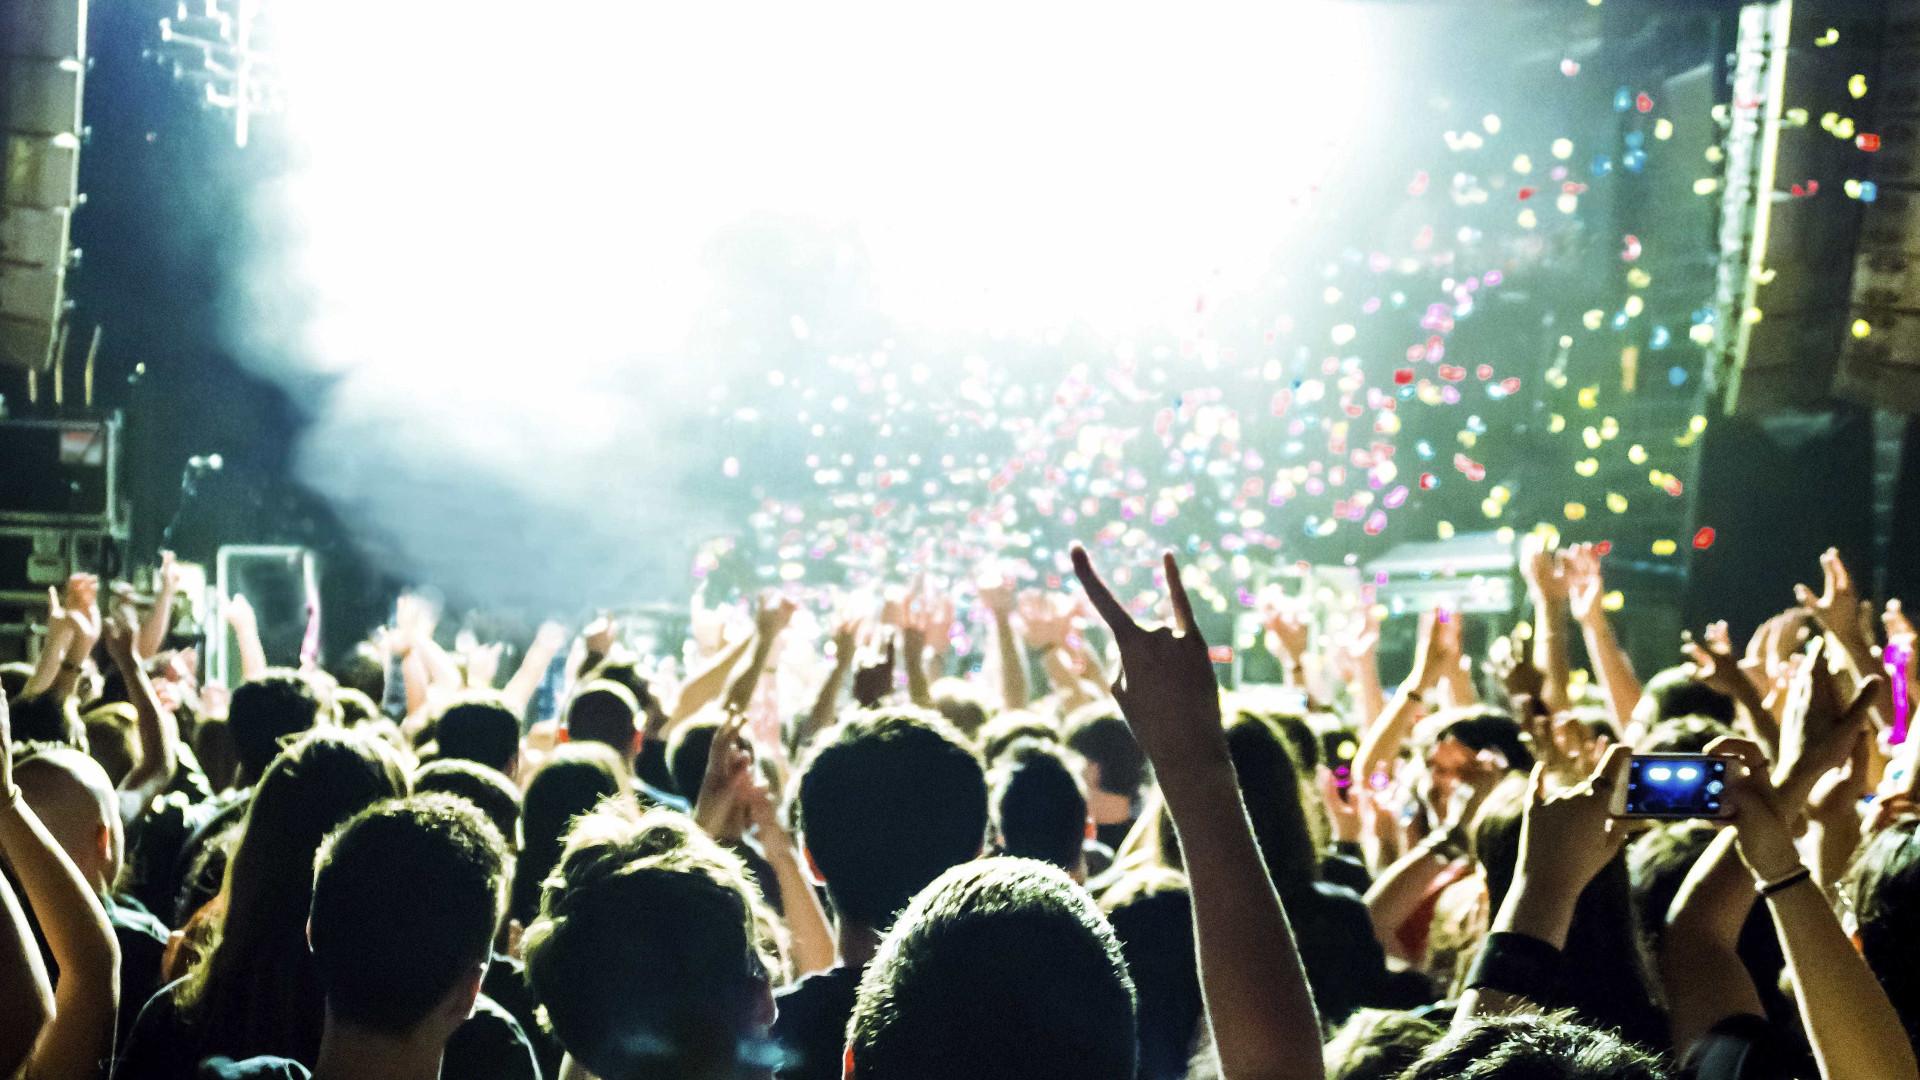 Regresso ao palco é ainda uma miragem para músicos em 2021